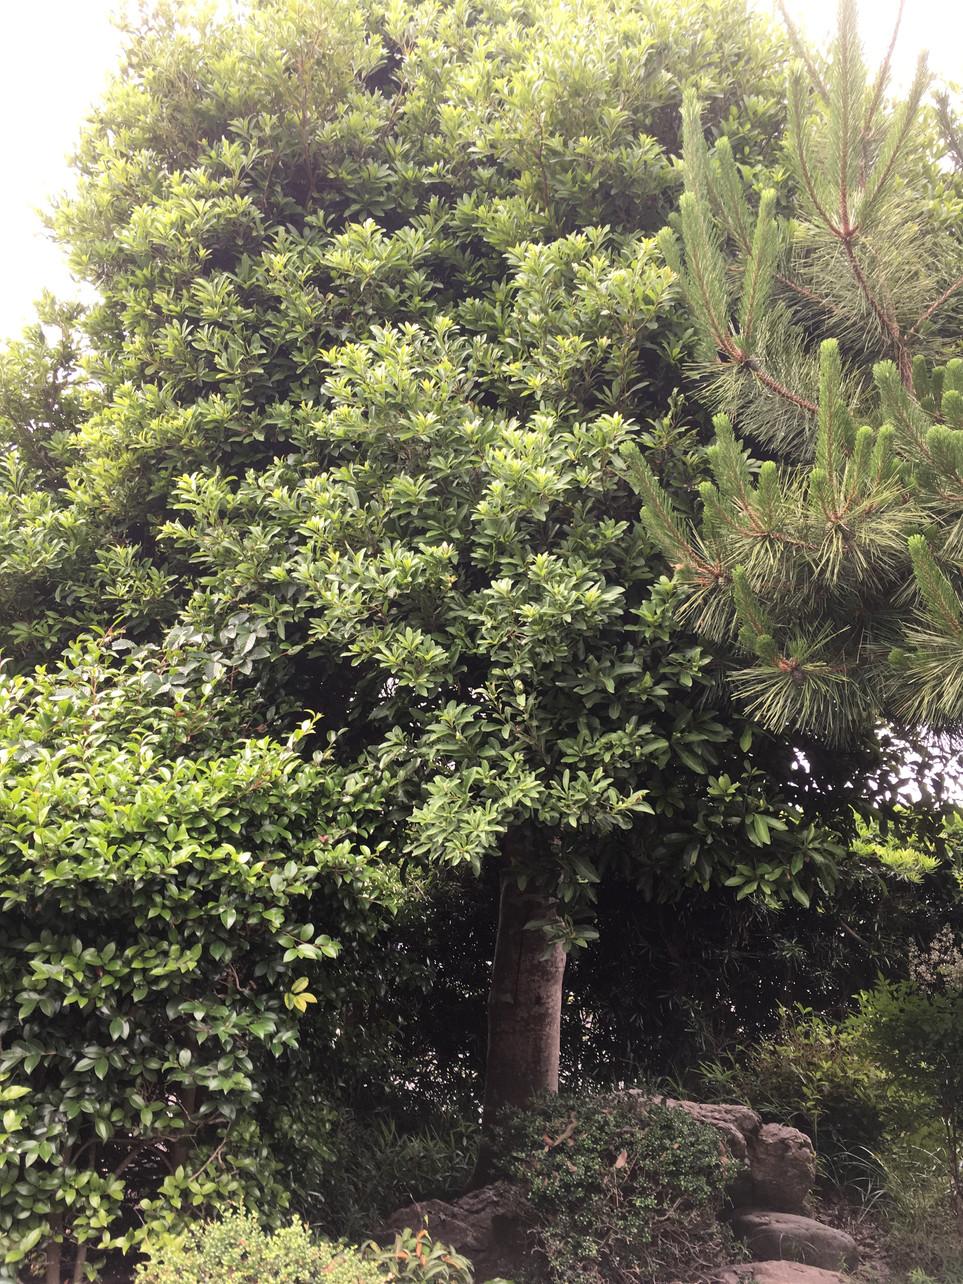 【伐採 伐木 枝打ち 処分】湖西市 えにしプランニング 便利屋 浜松